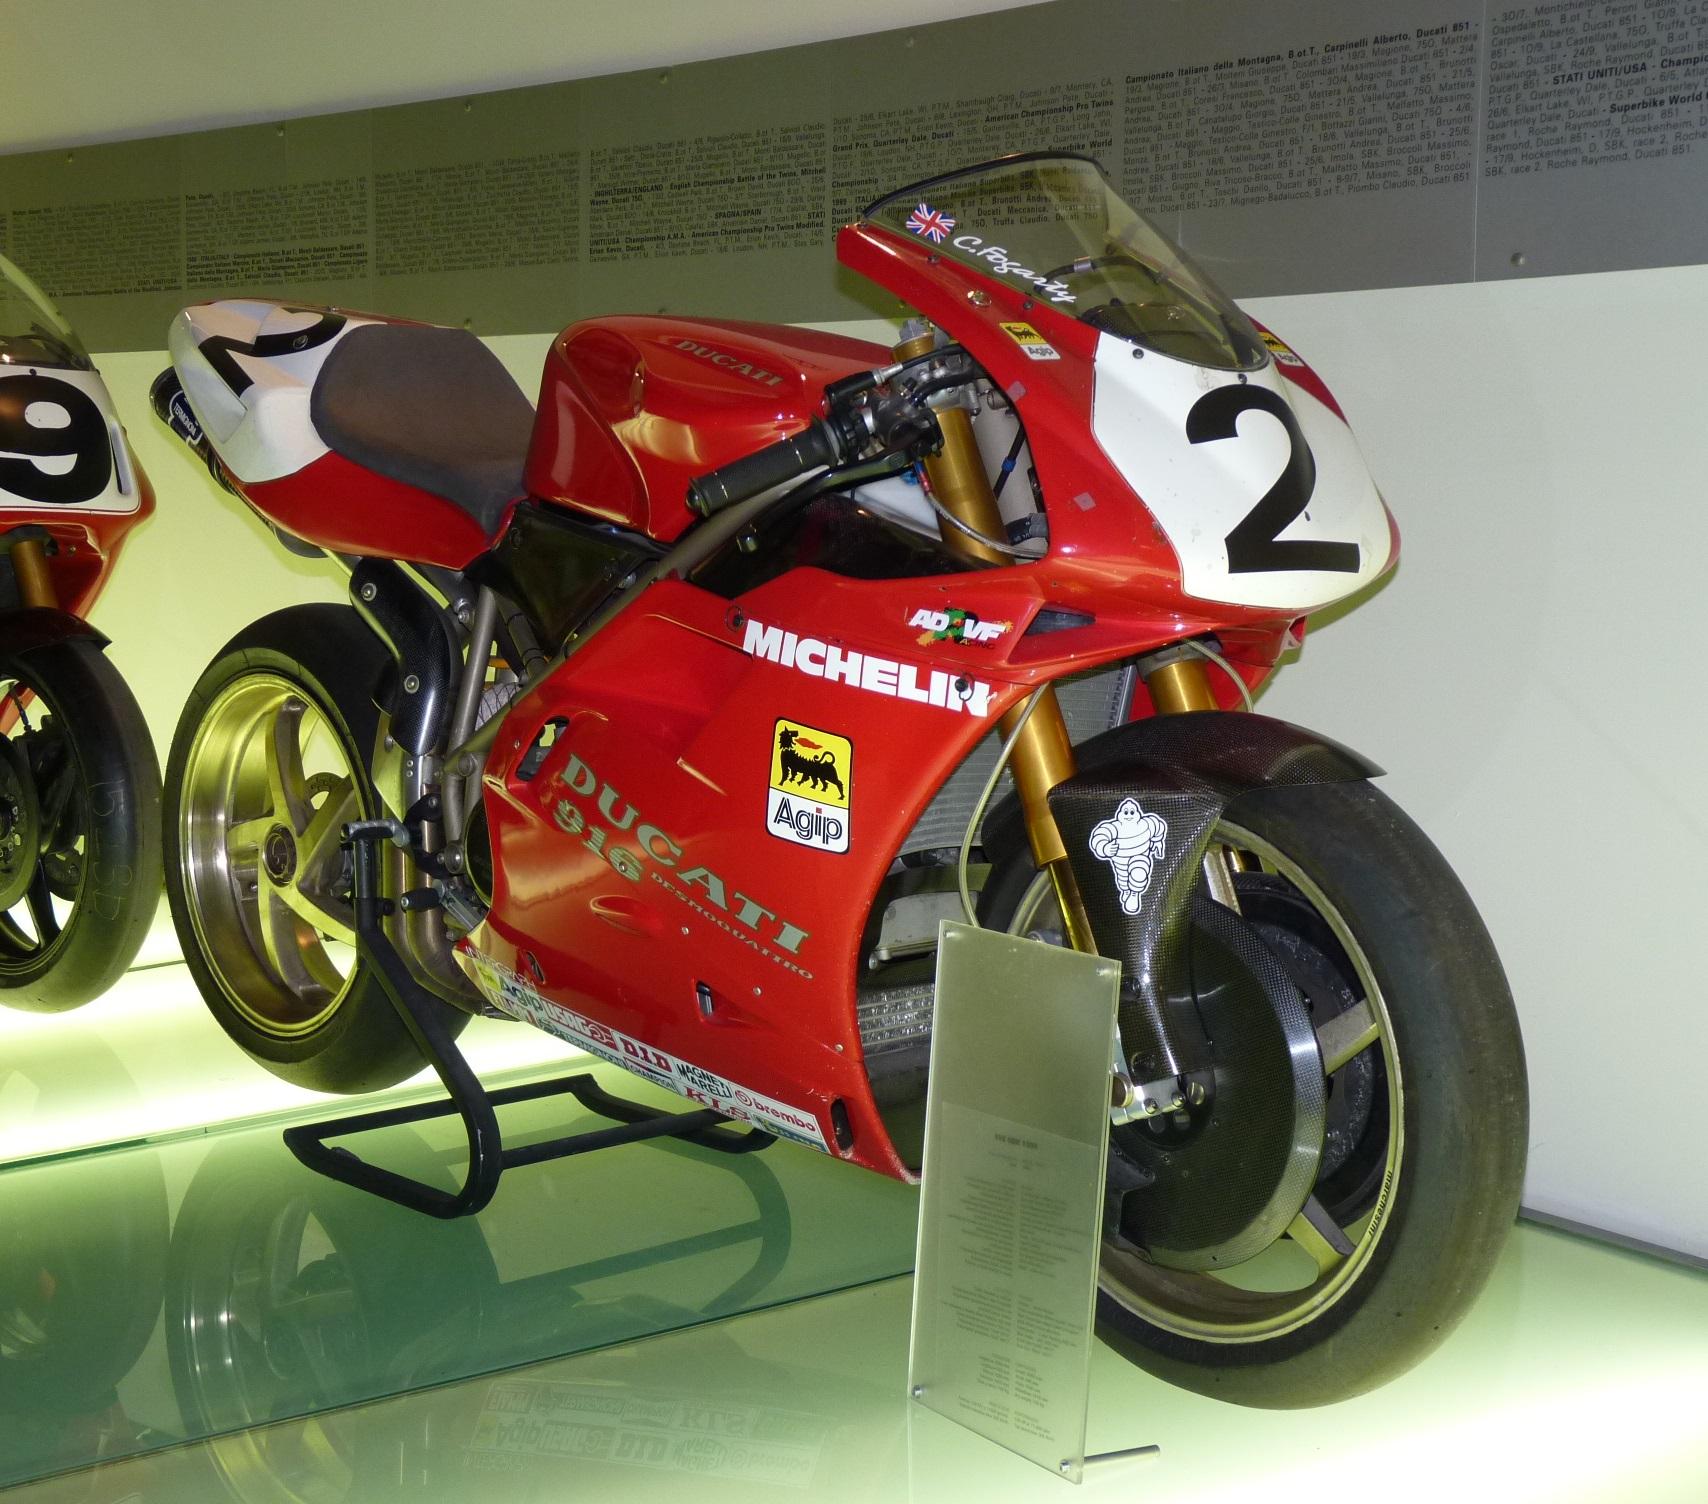 Ducati Superbike  Cc